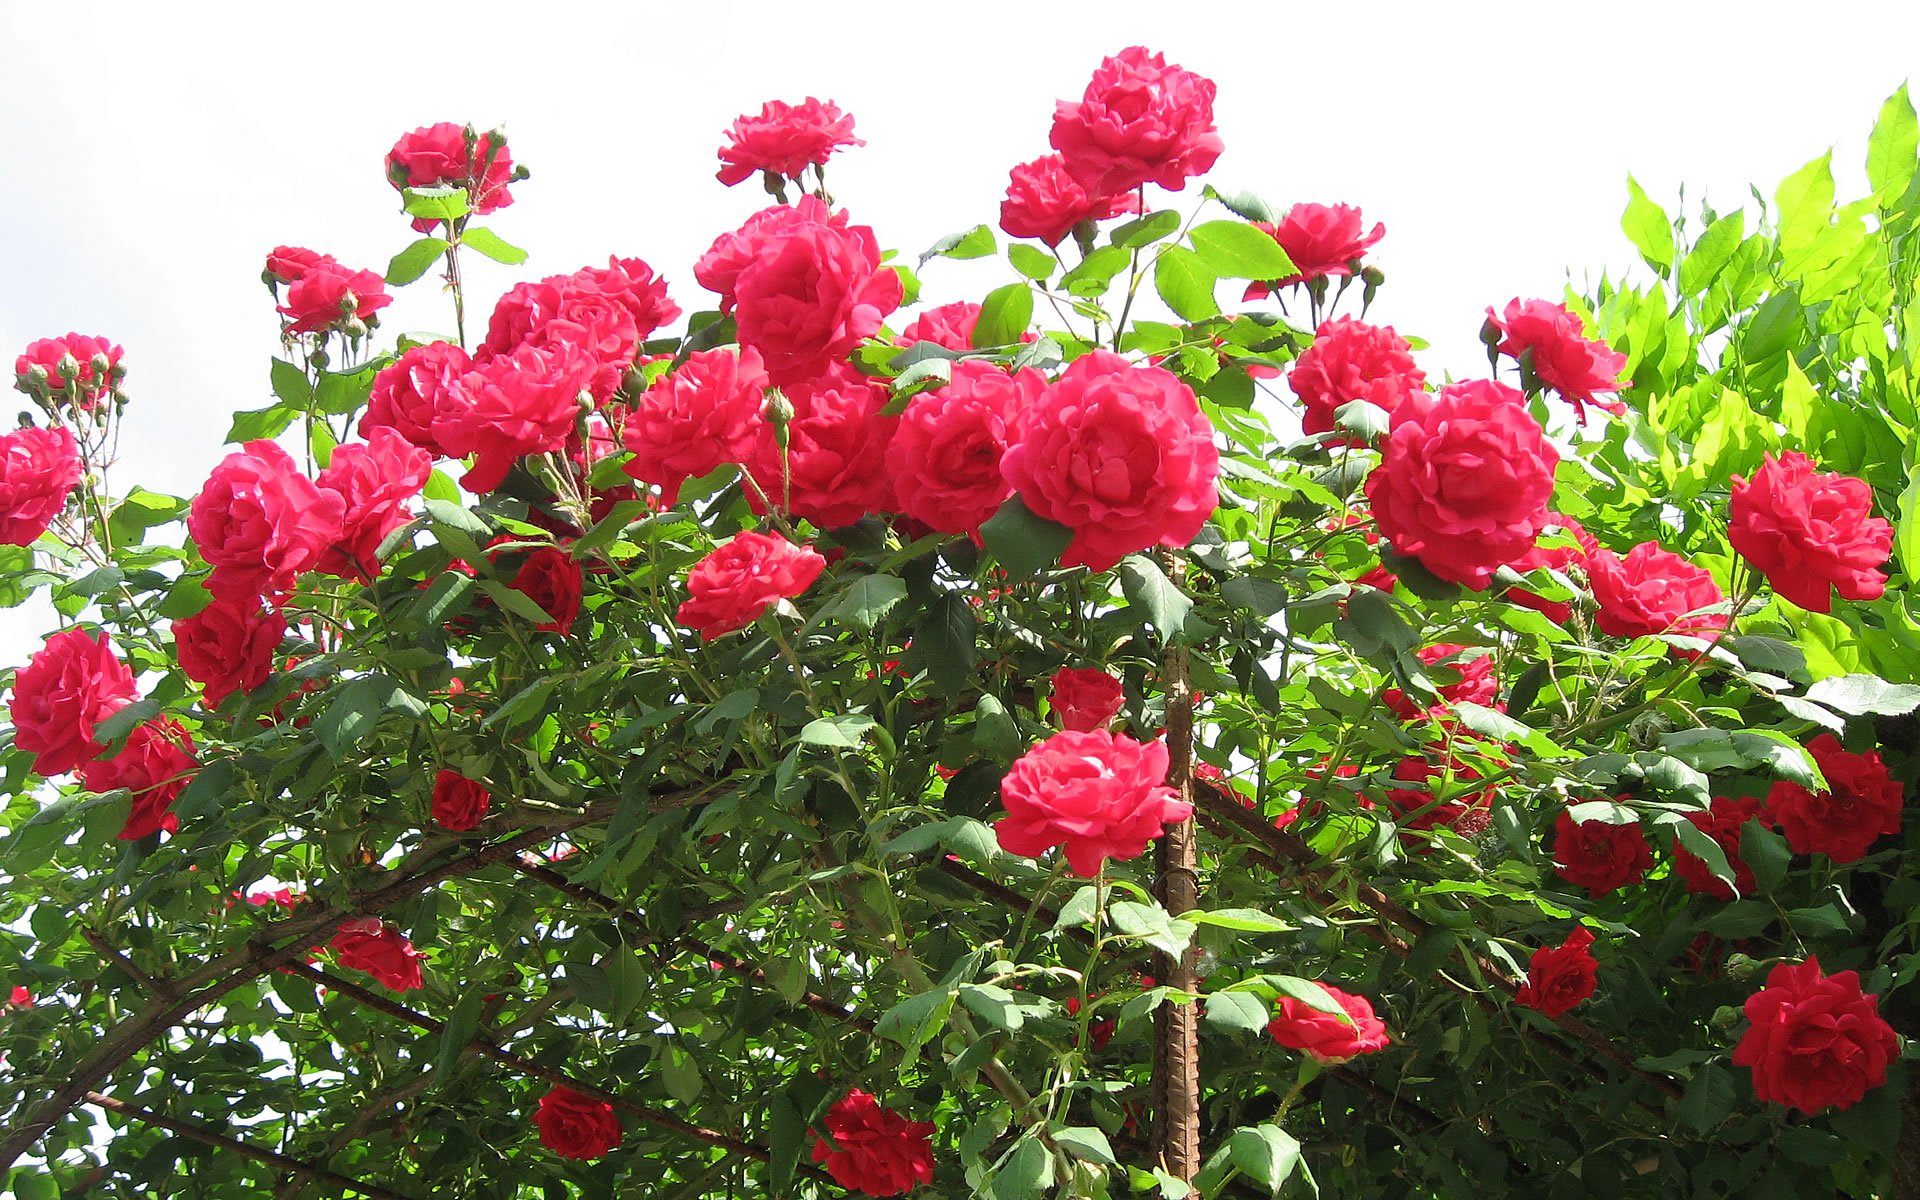 بالصور ورود من الطبيعة , اجمل صور لزهور جميلة 3752 7